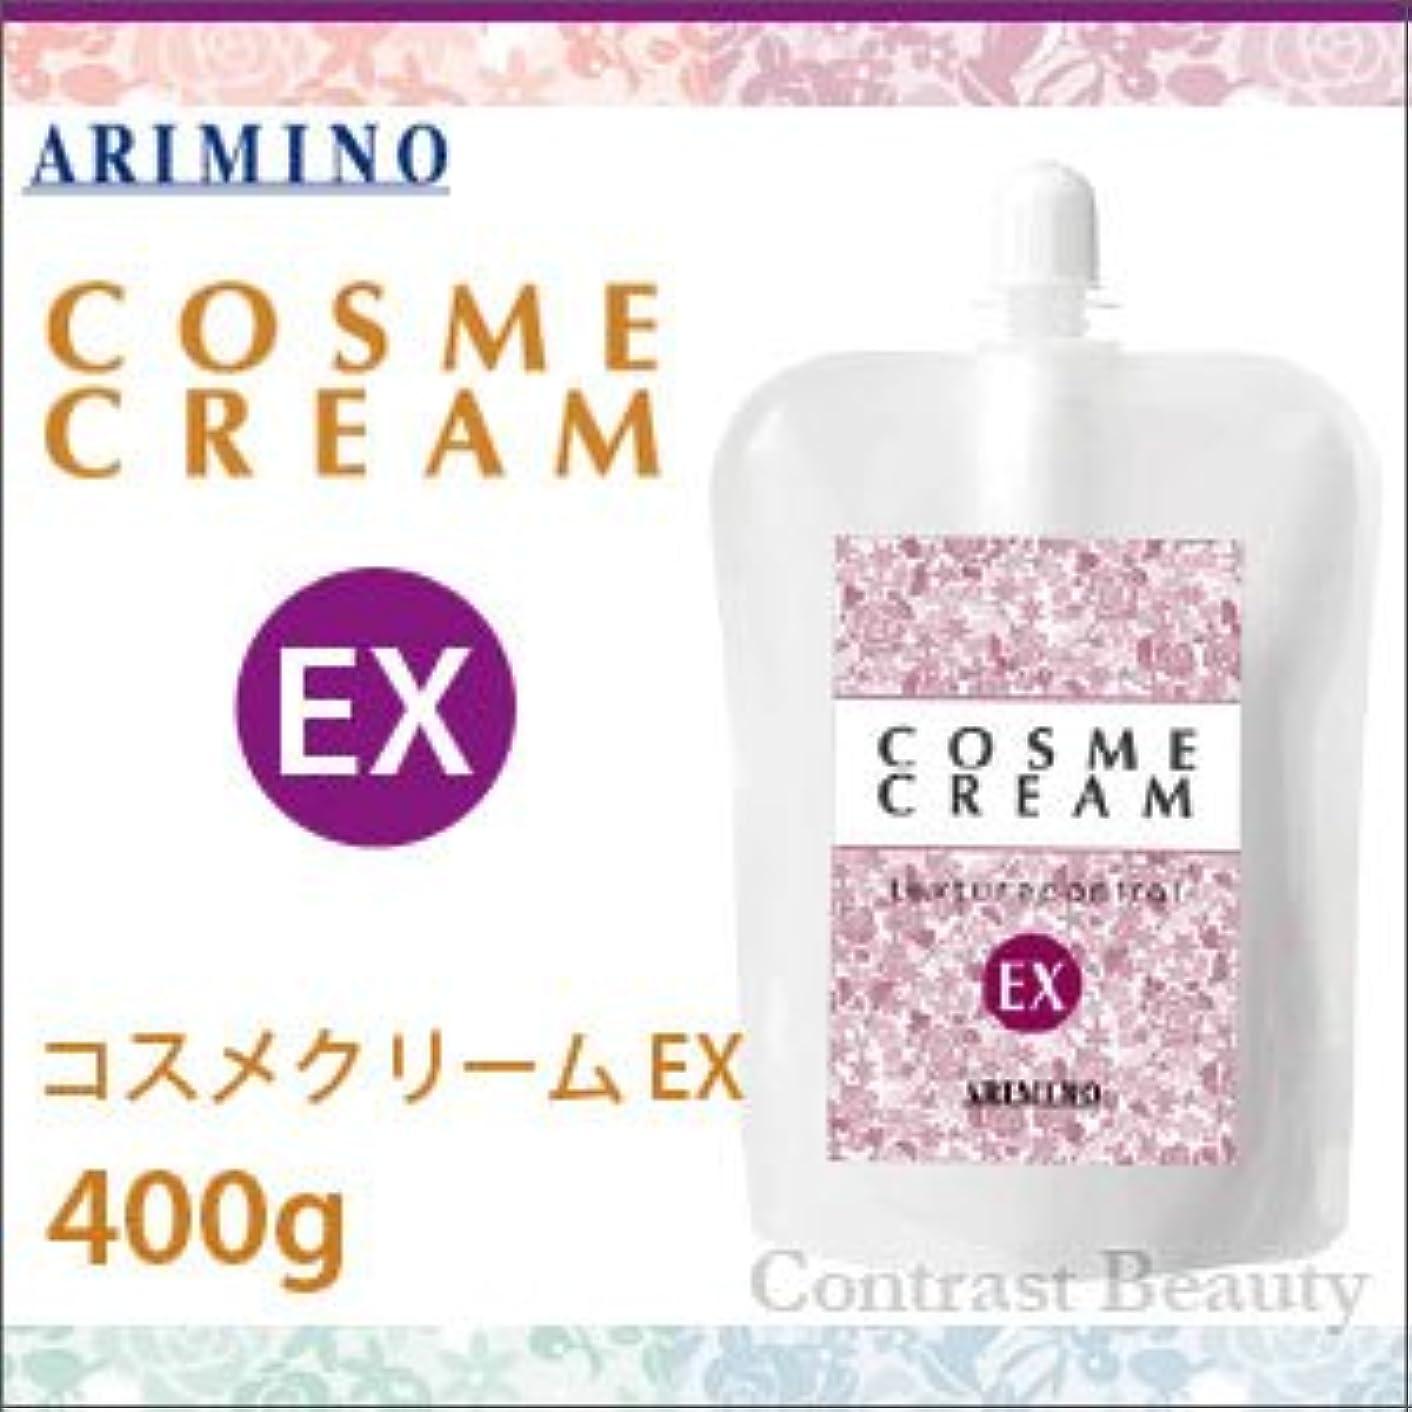 メッシュ隠根絶する【X3個セット】 アリミノ コスメクリーム EX 400g